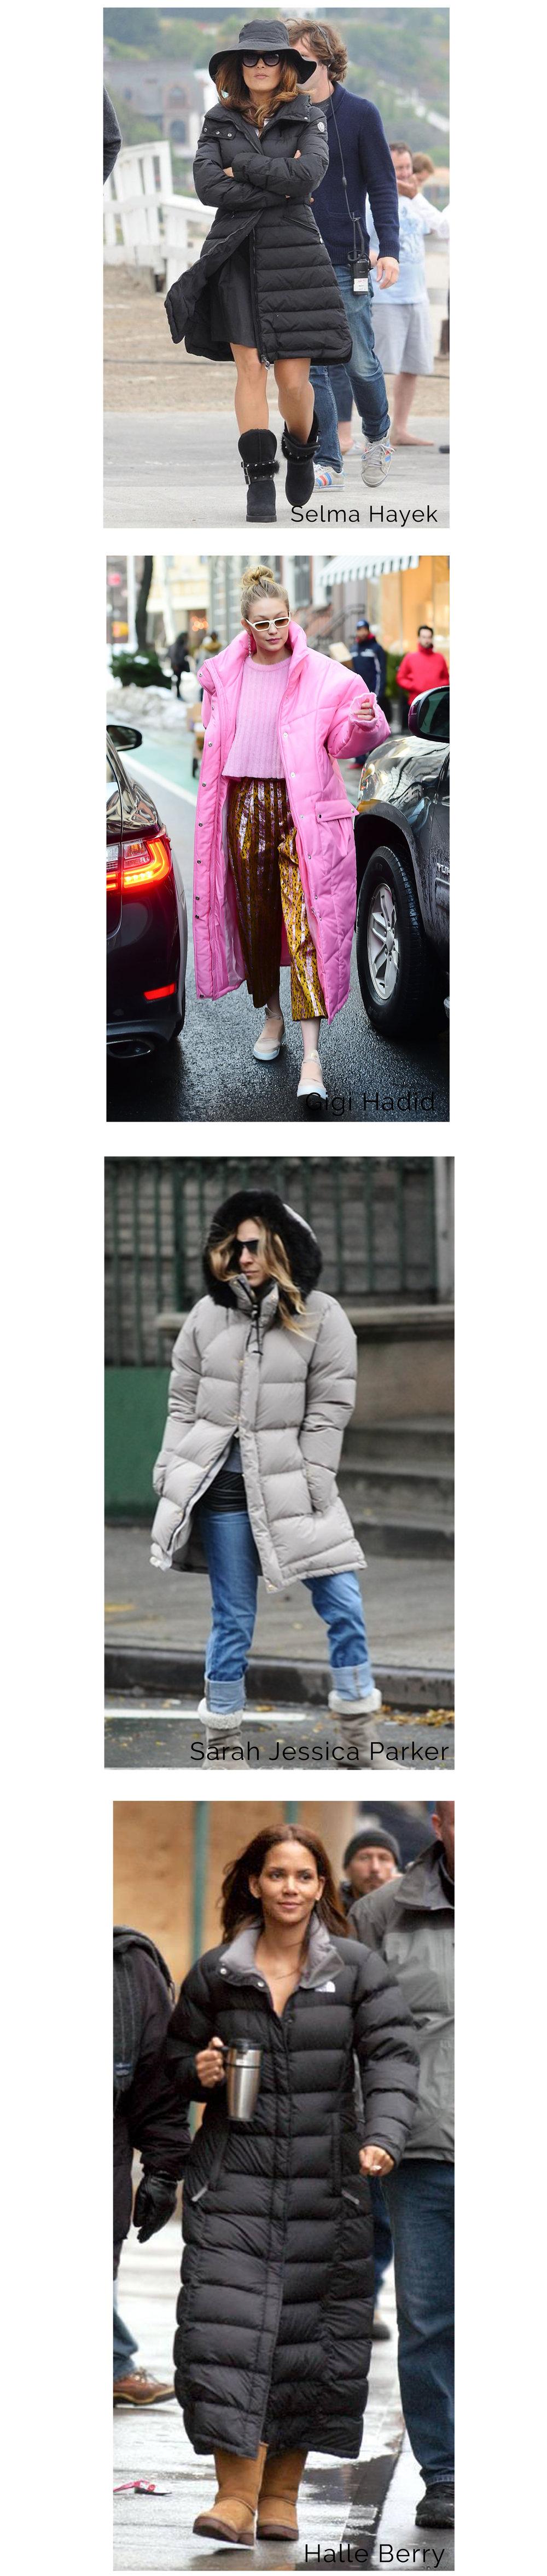 page2 copy copy.jpg